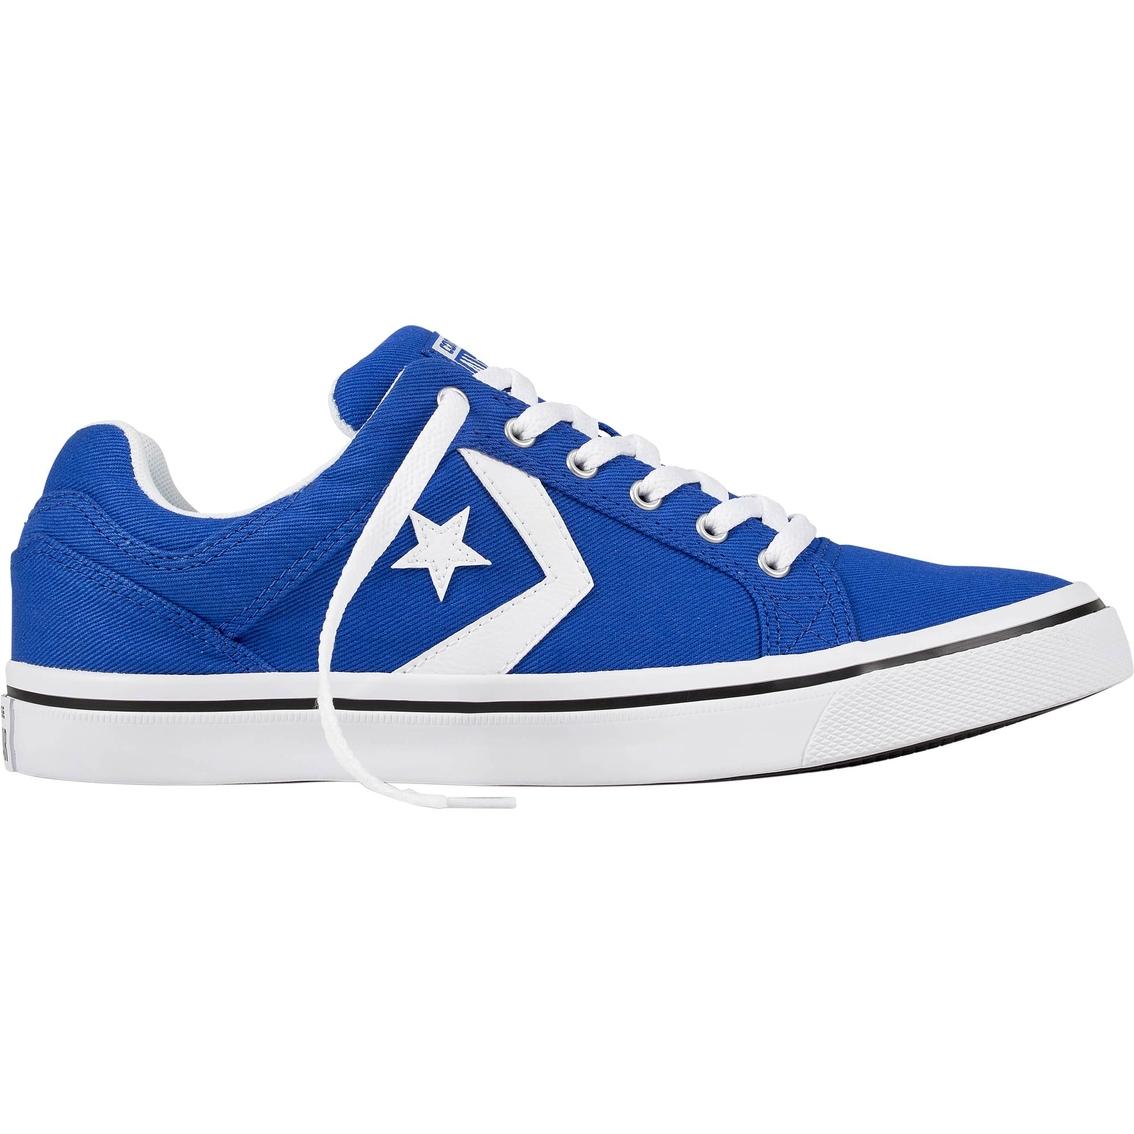 d2c862fc044f Converse Chuck Taylor All Star Men s El Distrito Ox Sneakers ...